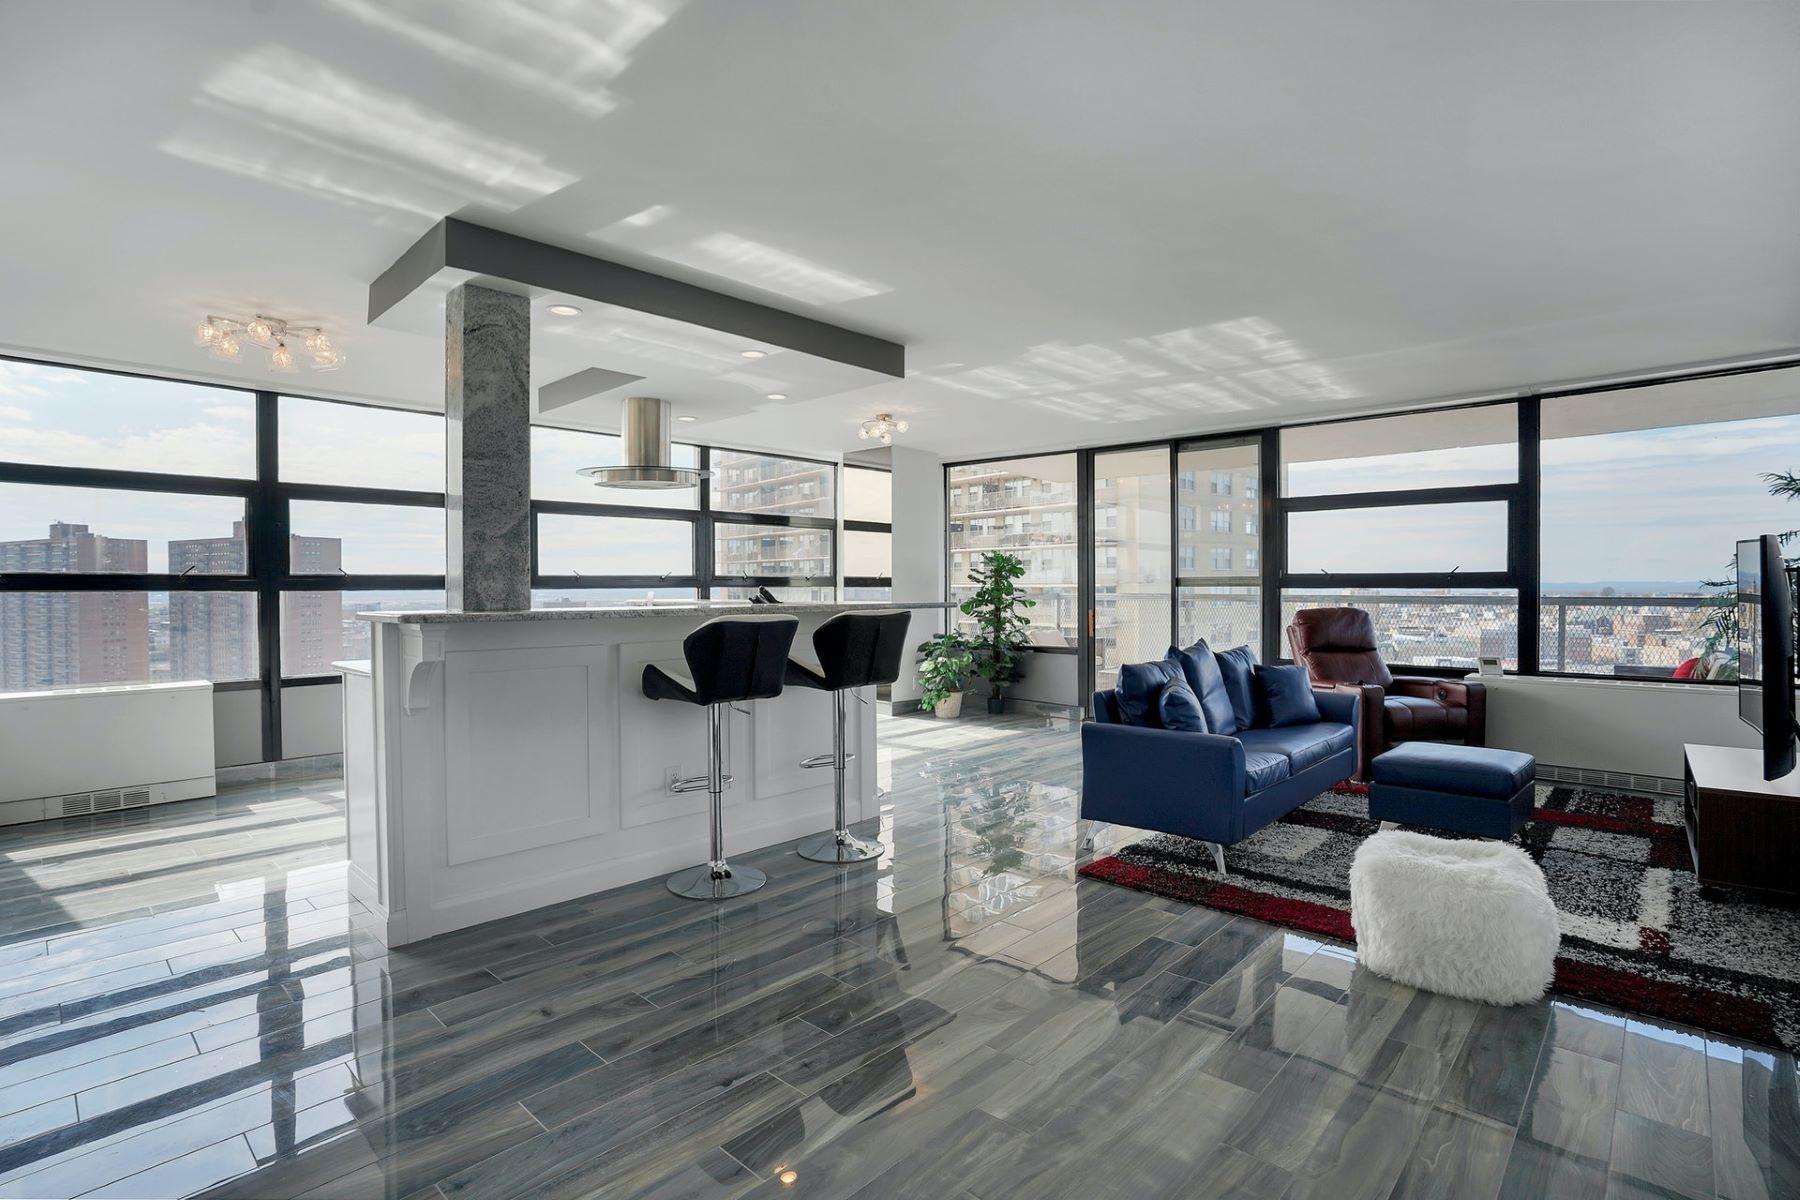 Condominiums 为 销售 在 Tower West 6050 Blvd East #20G, 西纽约, 新泽西州 07093 美国